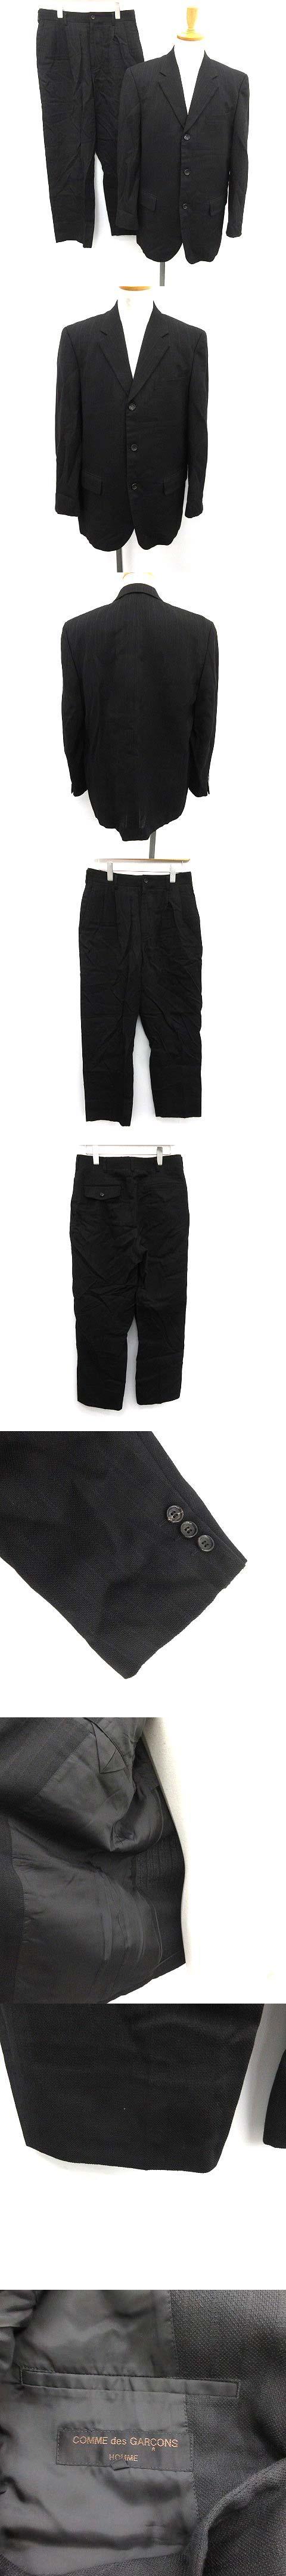 スーツ セットアップ 上下 ジャケット パンツ M 黒 ブラック /KH